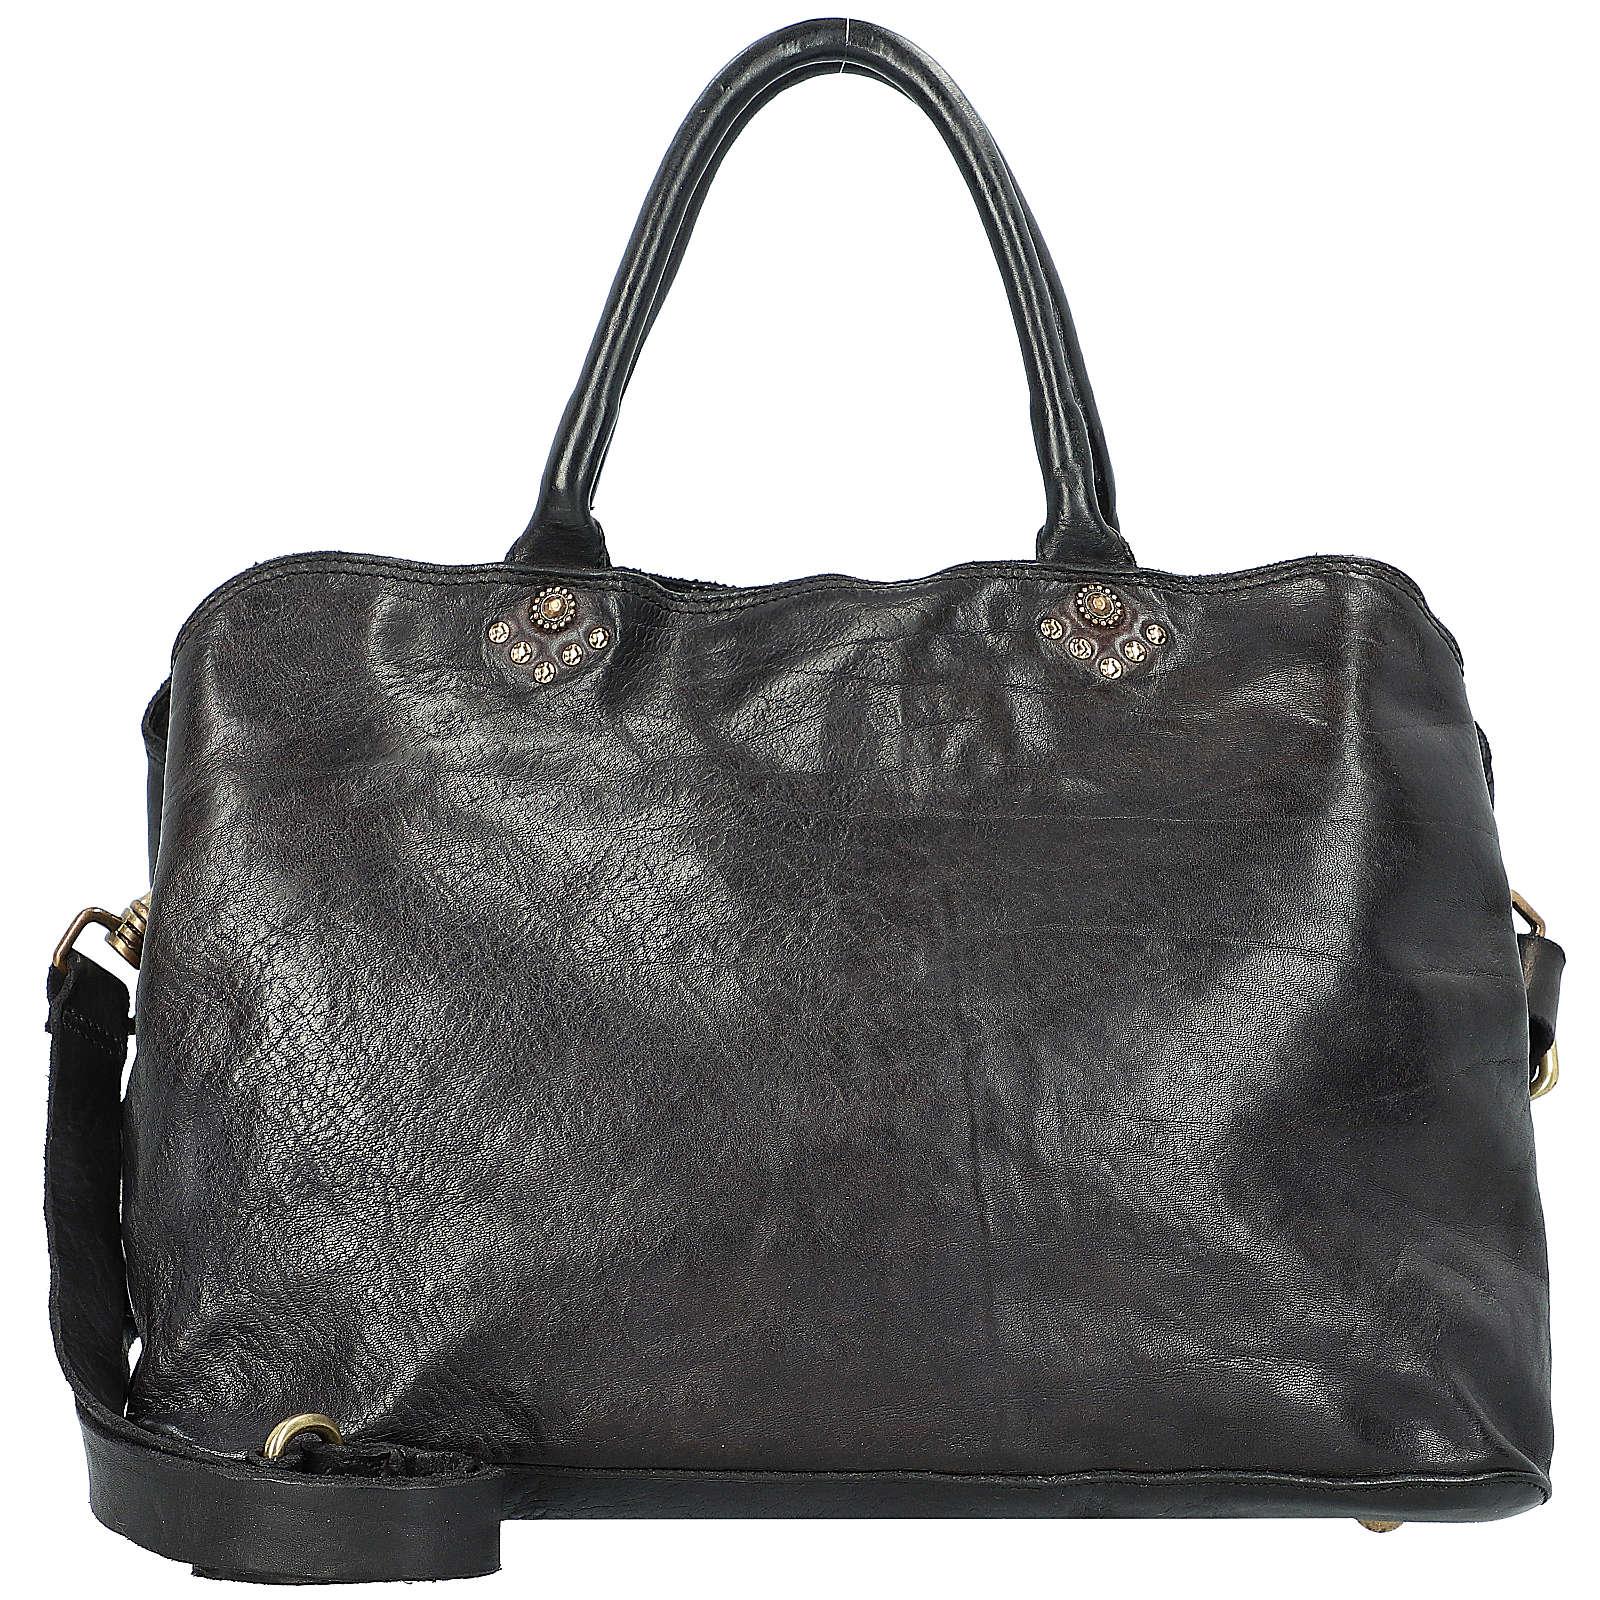 Campomaggi Handtasche Leder 35 cm Handtaschen schwarz Damen